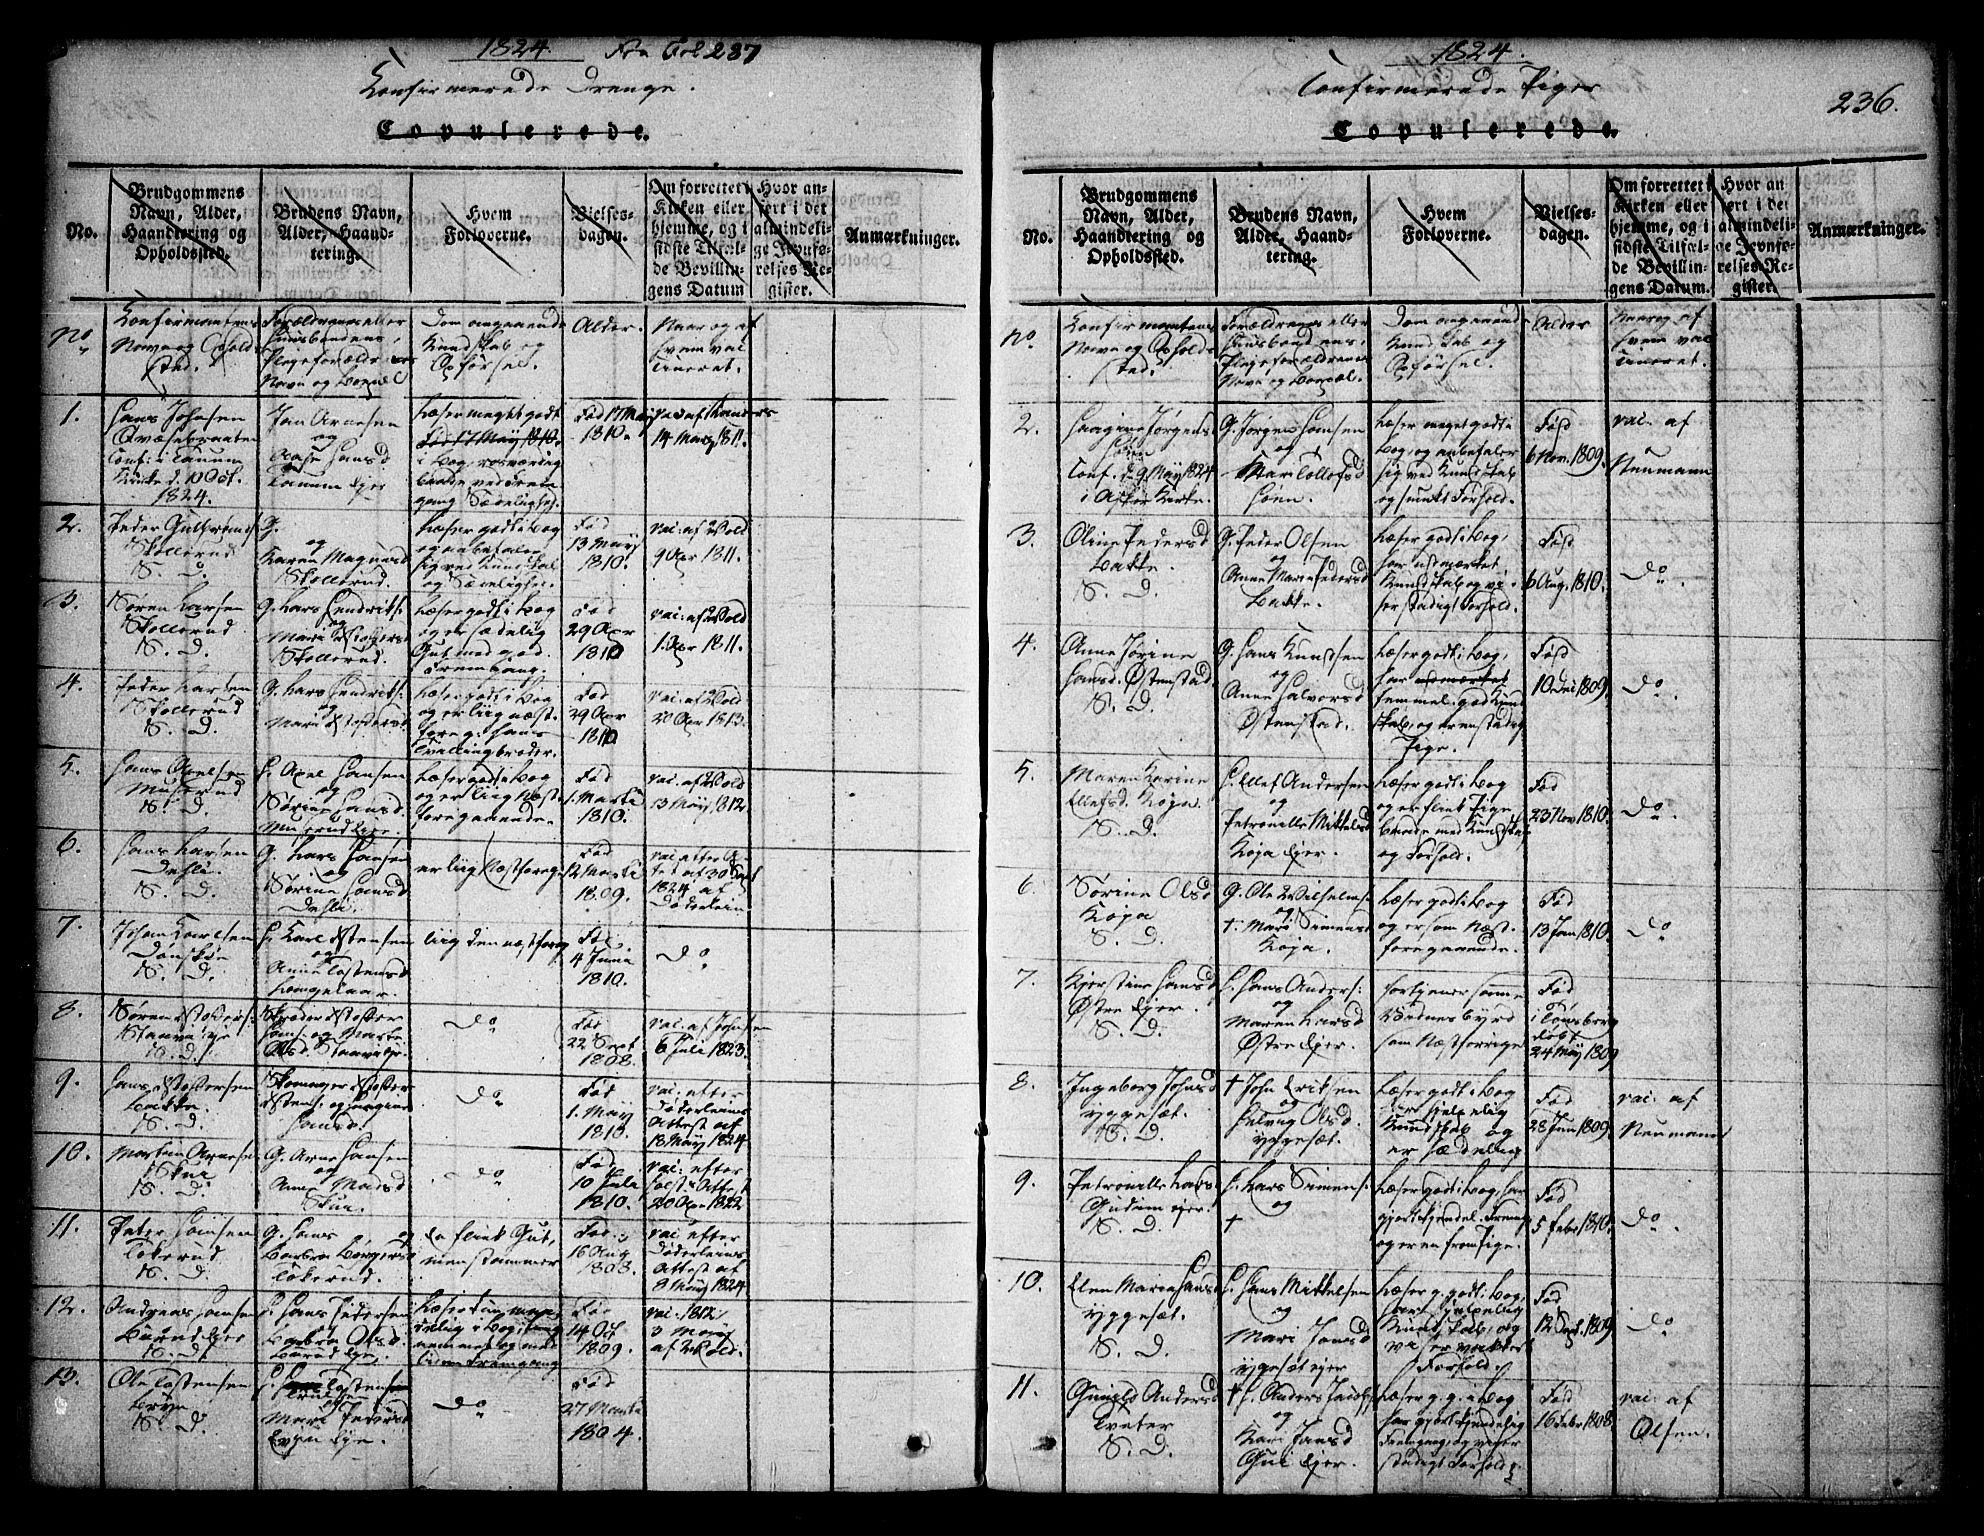 SAO, Asker prestekontor Kirkebøker, F/Fa/L0006: Ministerialbok nr. I 6, 1814-1824, s. 236